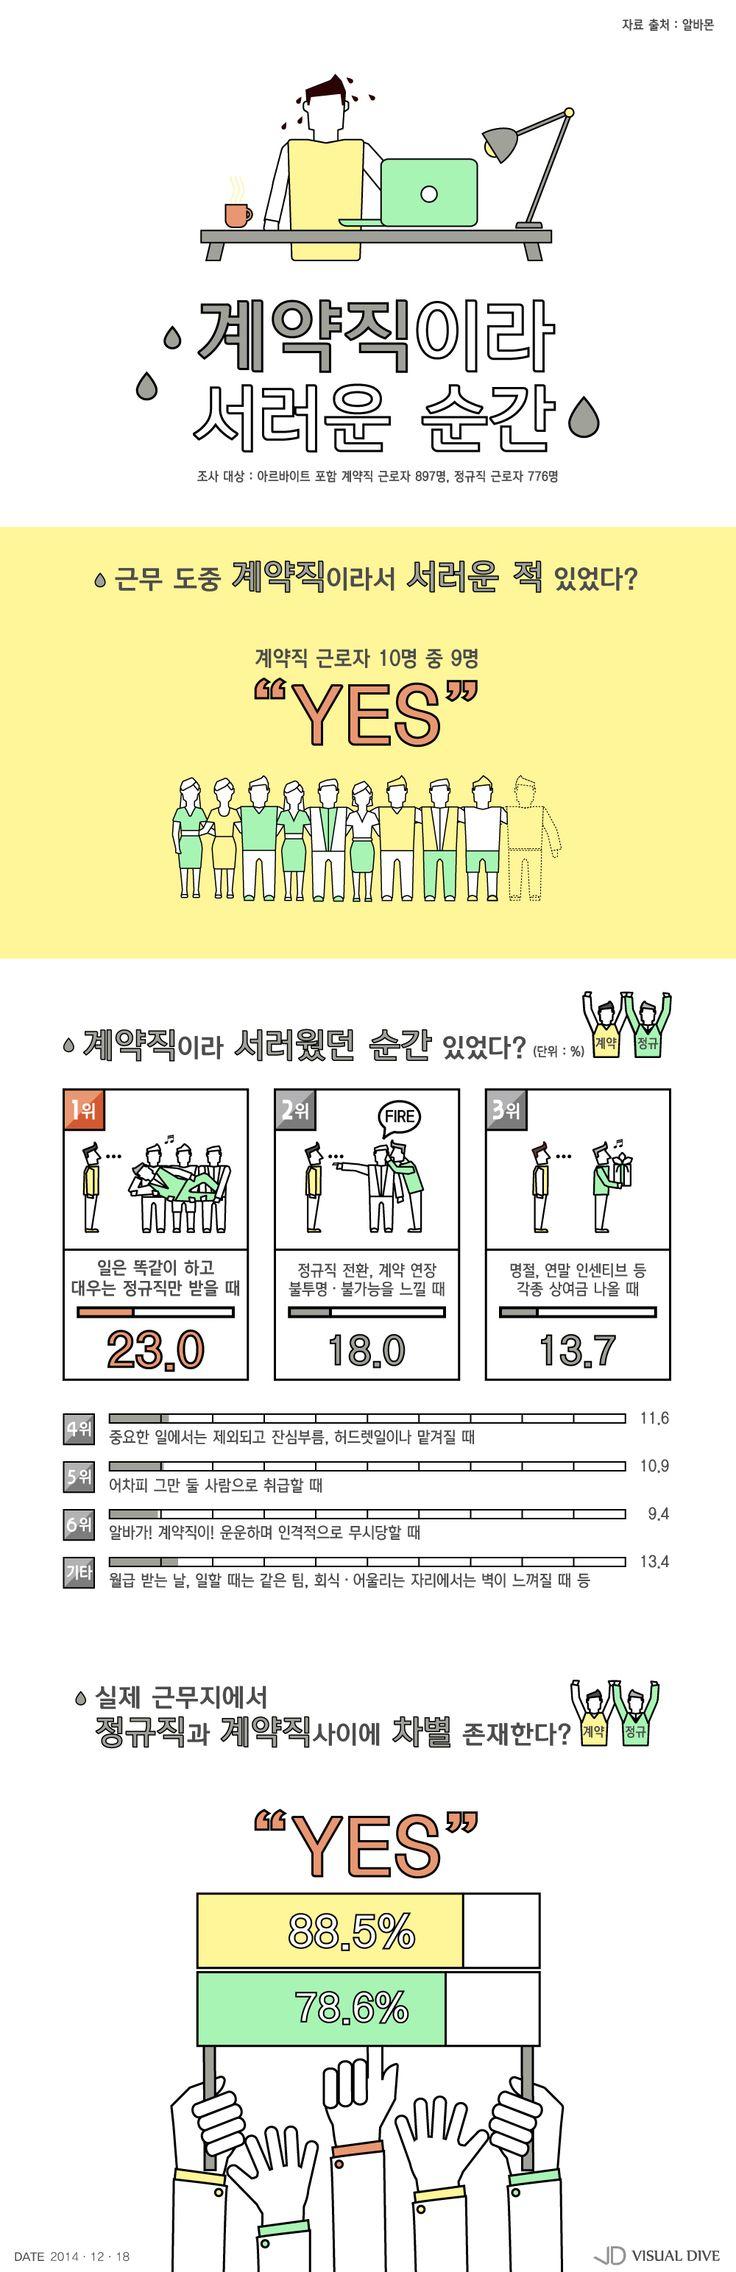 '미생' 장그래도 공감할 계약직이라 서러운 순간 [인포그래픽] #contract worker / #Infographic ⓒ 비주얼다이브 무단 복사·전재·재배포 금지